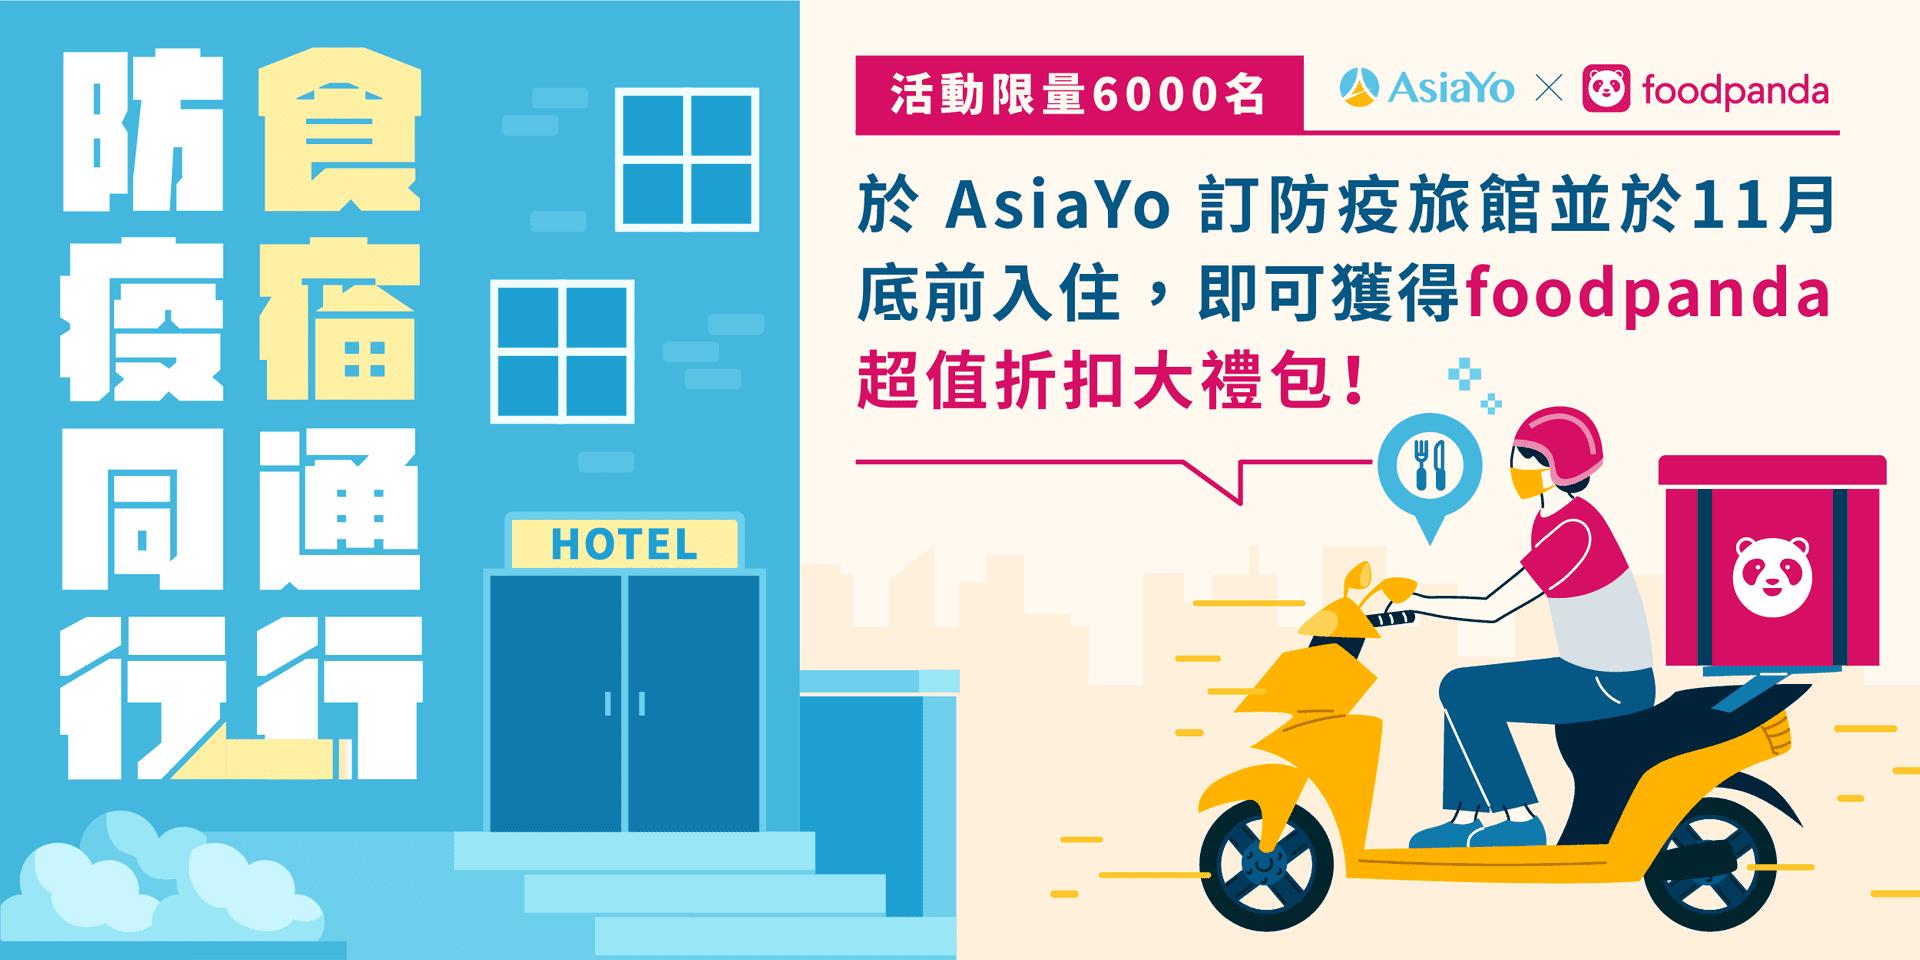 透過AsiaYo防疫旅館訂房可獲得foodpanda禮包